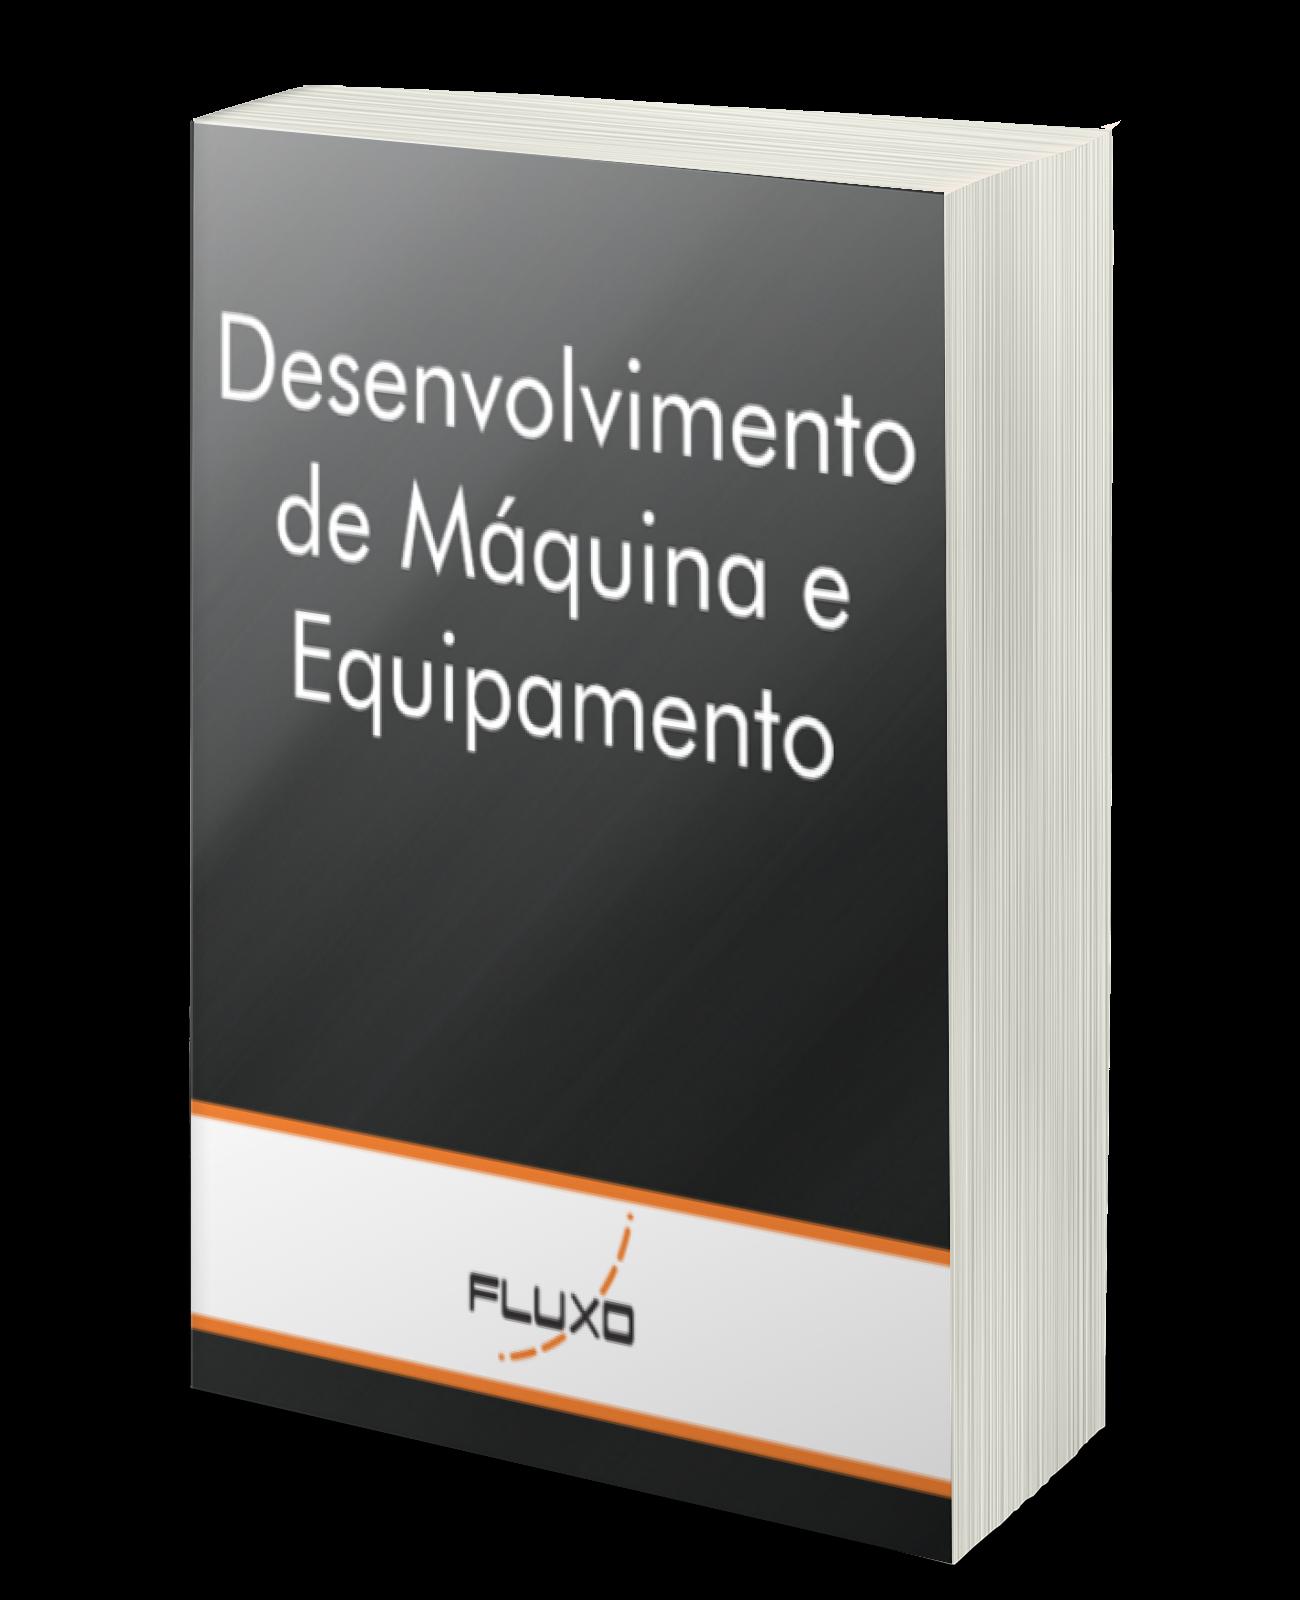 desenvolvimento de máquina e equipamento